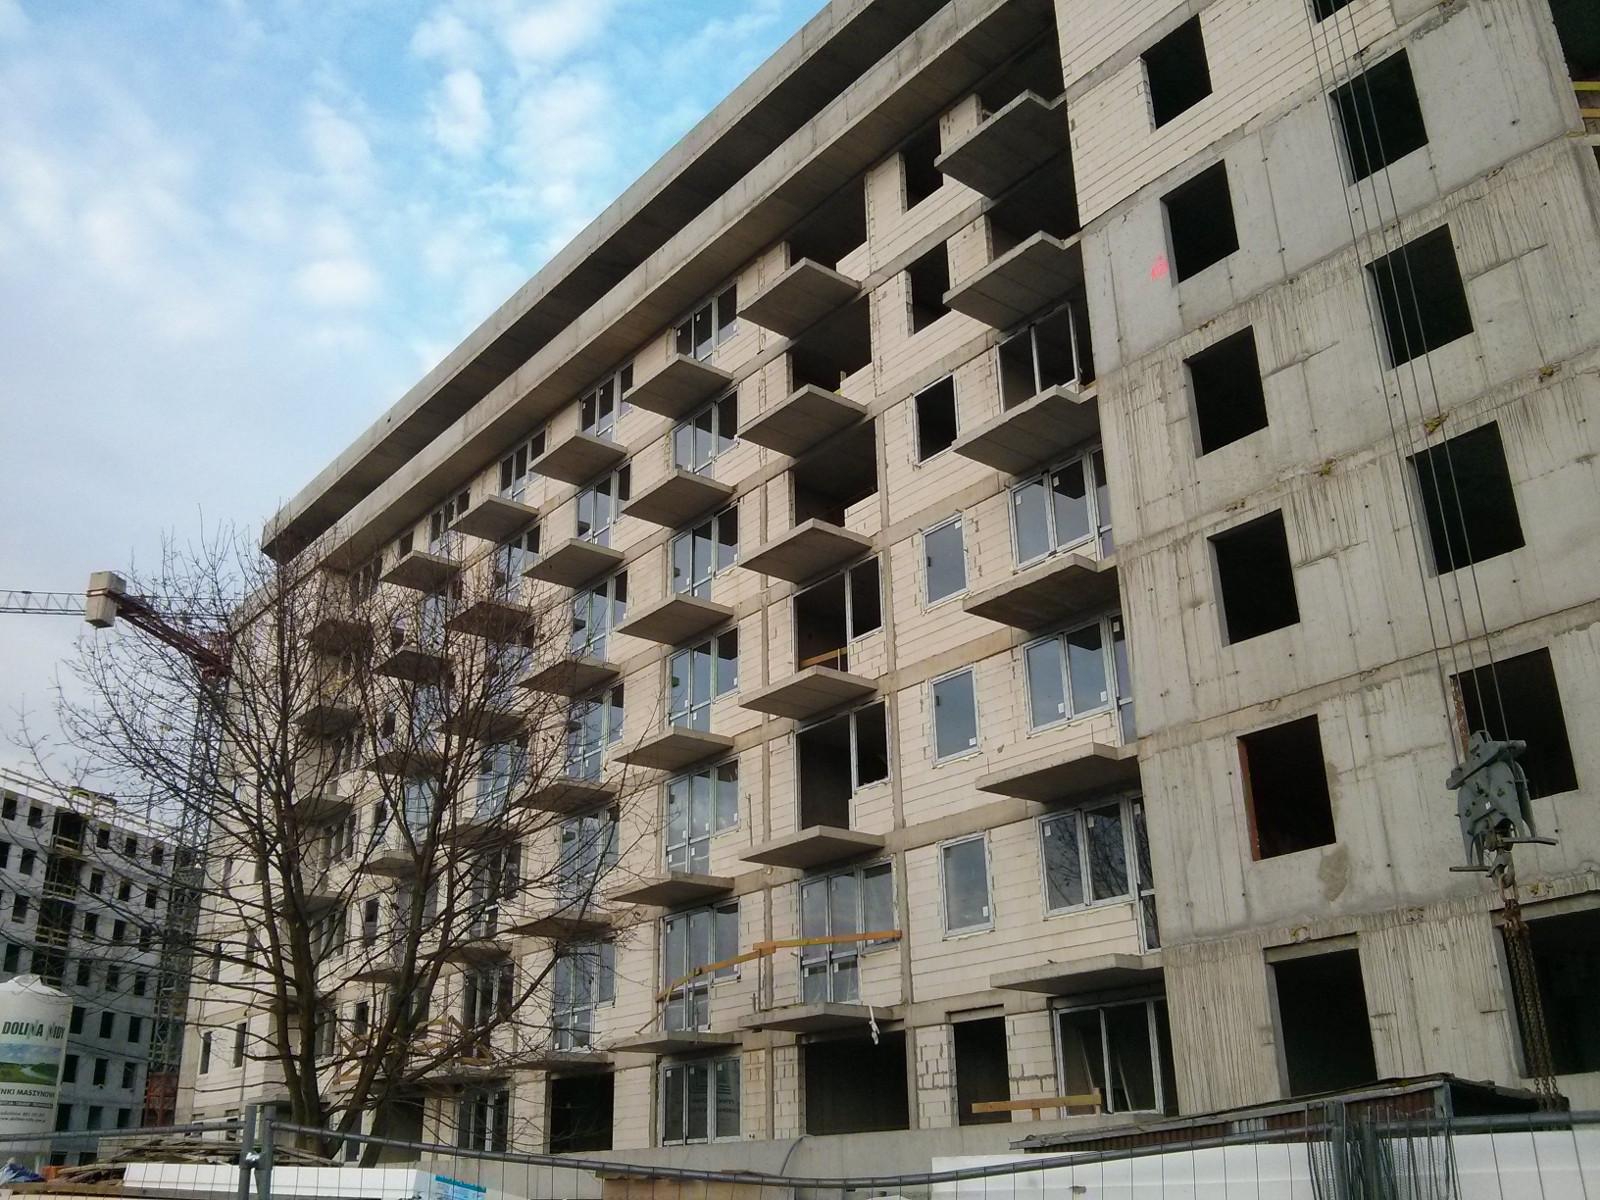 Okna i balkony na inwestycji Avia 5 w Czyżynach